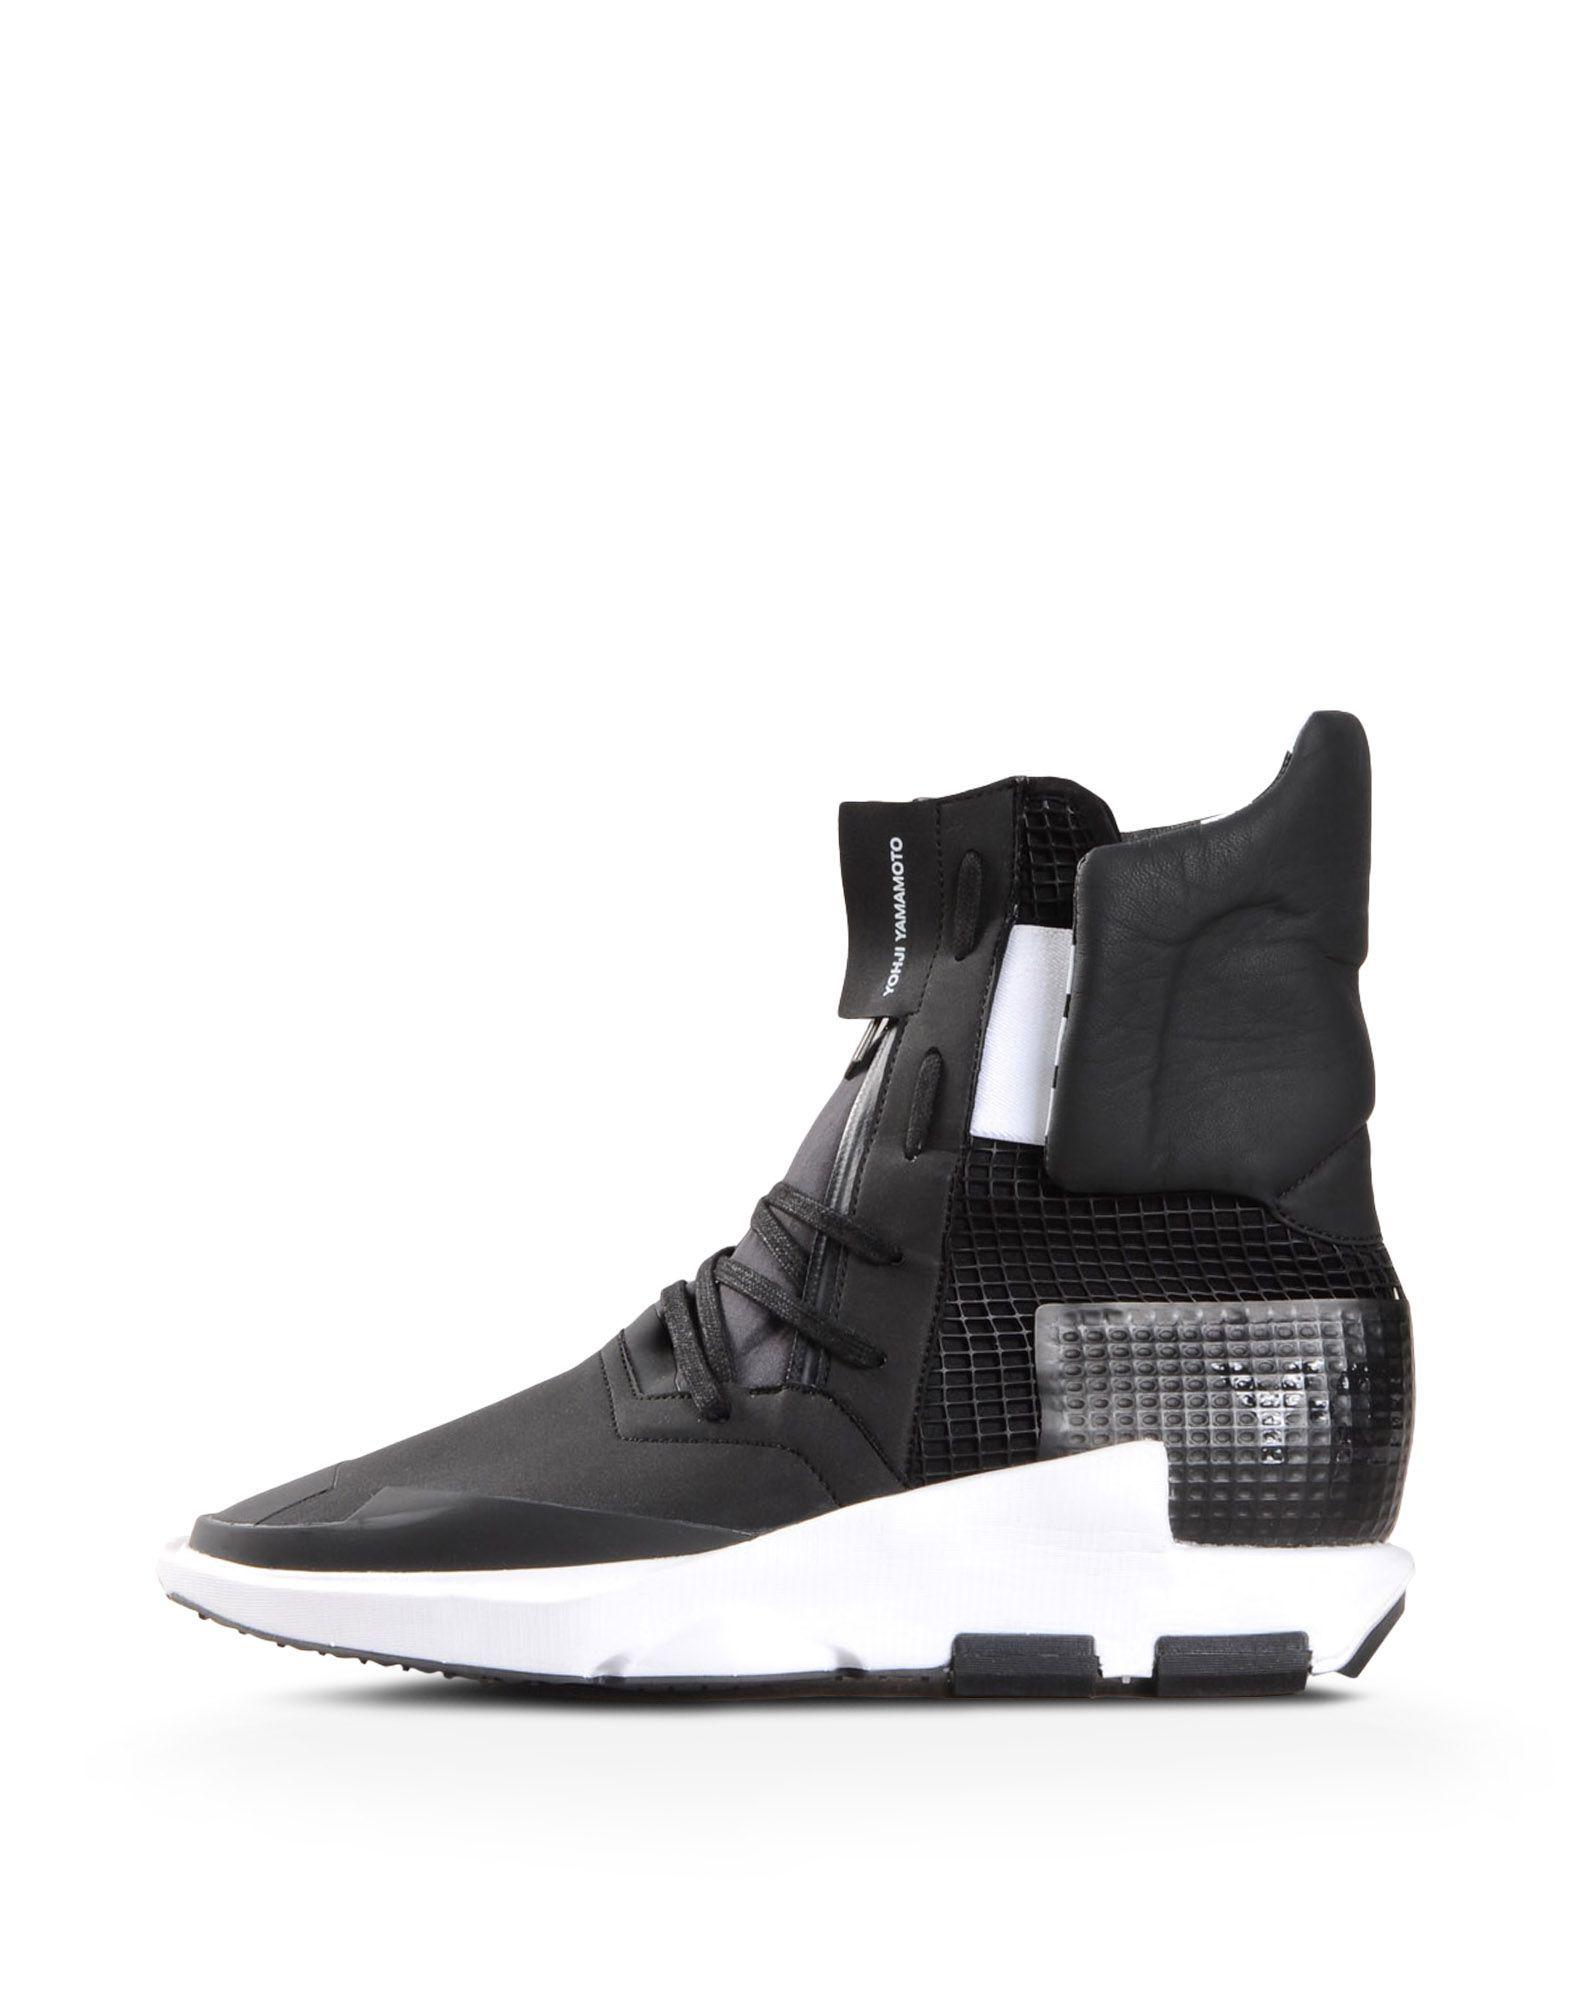 Y-3S-Nentish hi-top sneakers 100% Authentique Vente En Ligne Achat Vente Pas Cher Ebay Vente En Ligne QGMWar